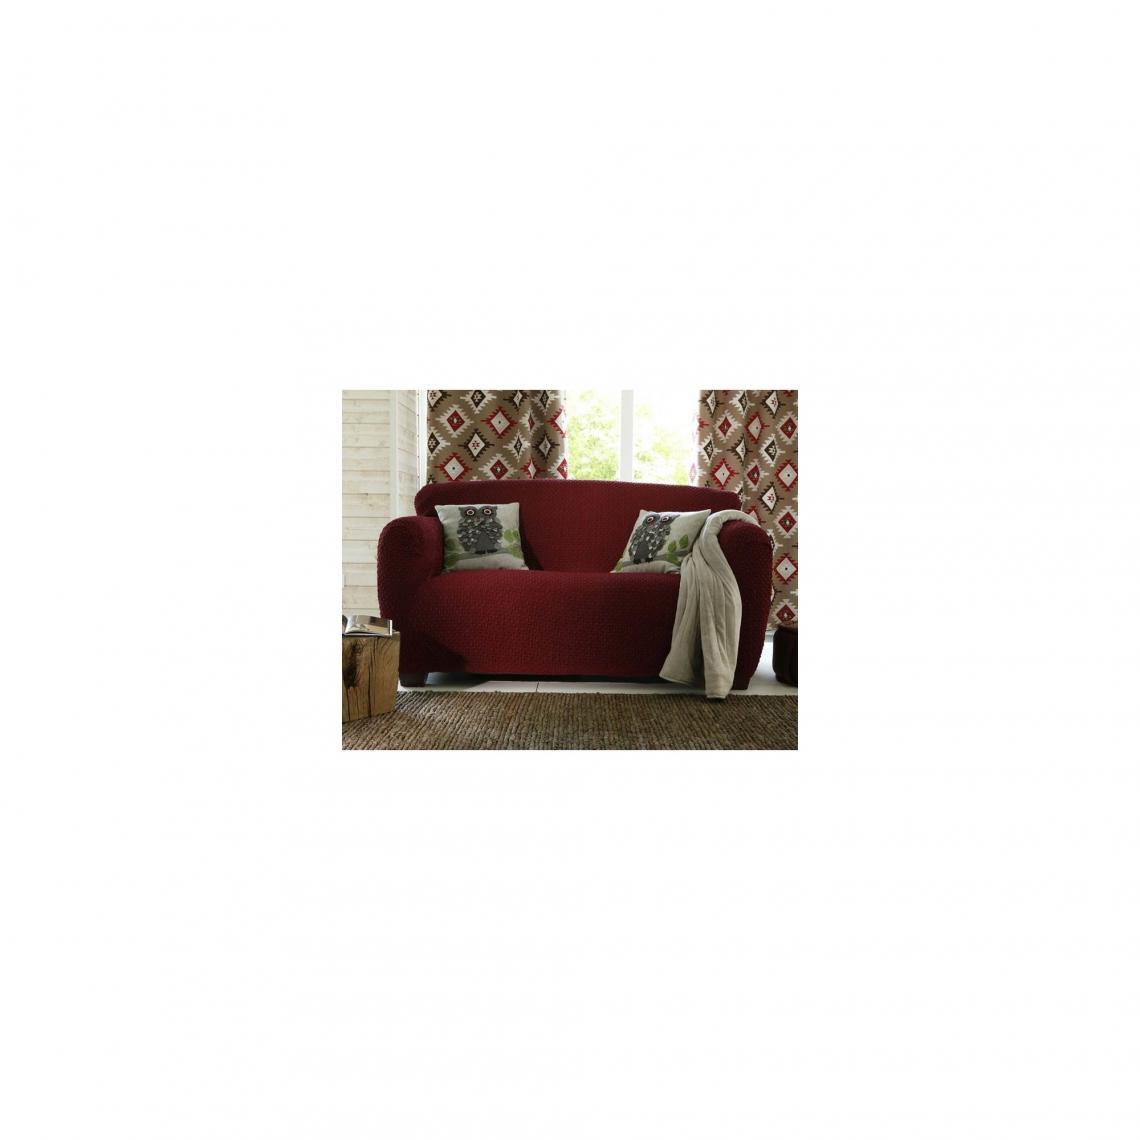 Comment Faire Une Housse De Fauteuil housse de canapé bi-extensibles fauteuil et canapé à accoudoirs - rouge 1  avis plus de détails